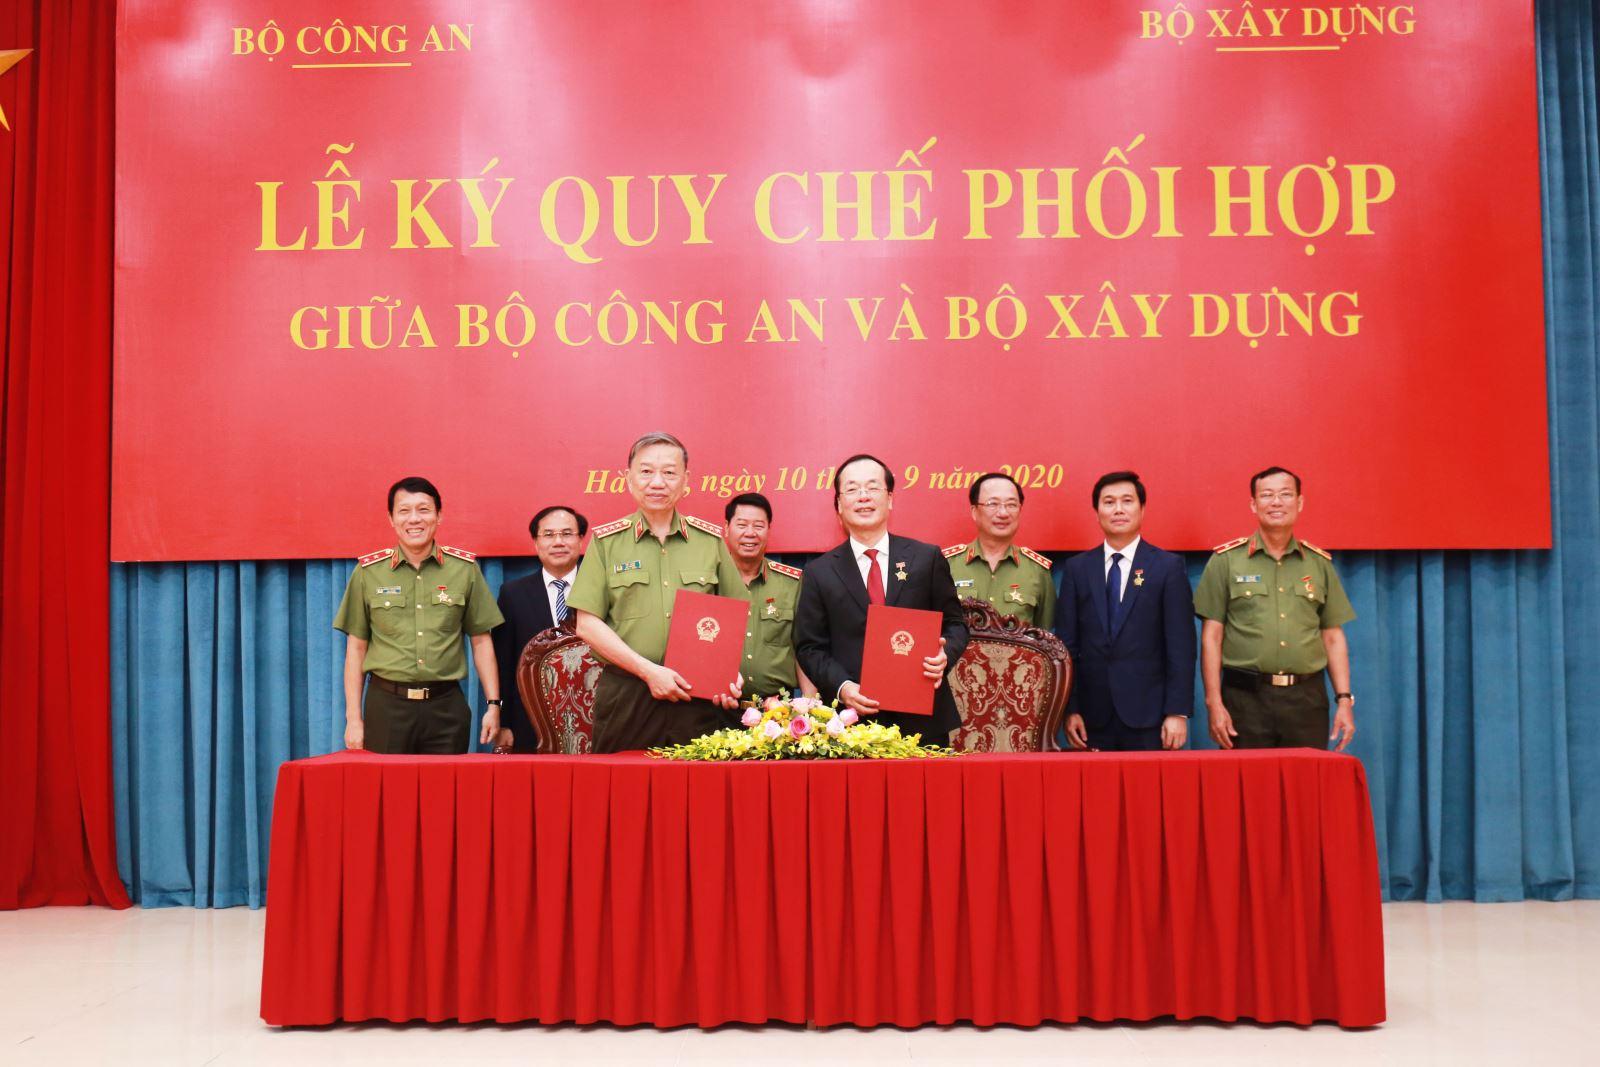 Bộ trưởng Phạm Hồng Hà và Bộ trưởng Tô Lâm ký kết Quy chế phối hợp giữa Bộ Xây dựng và Bộ Công an